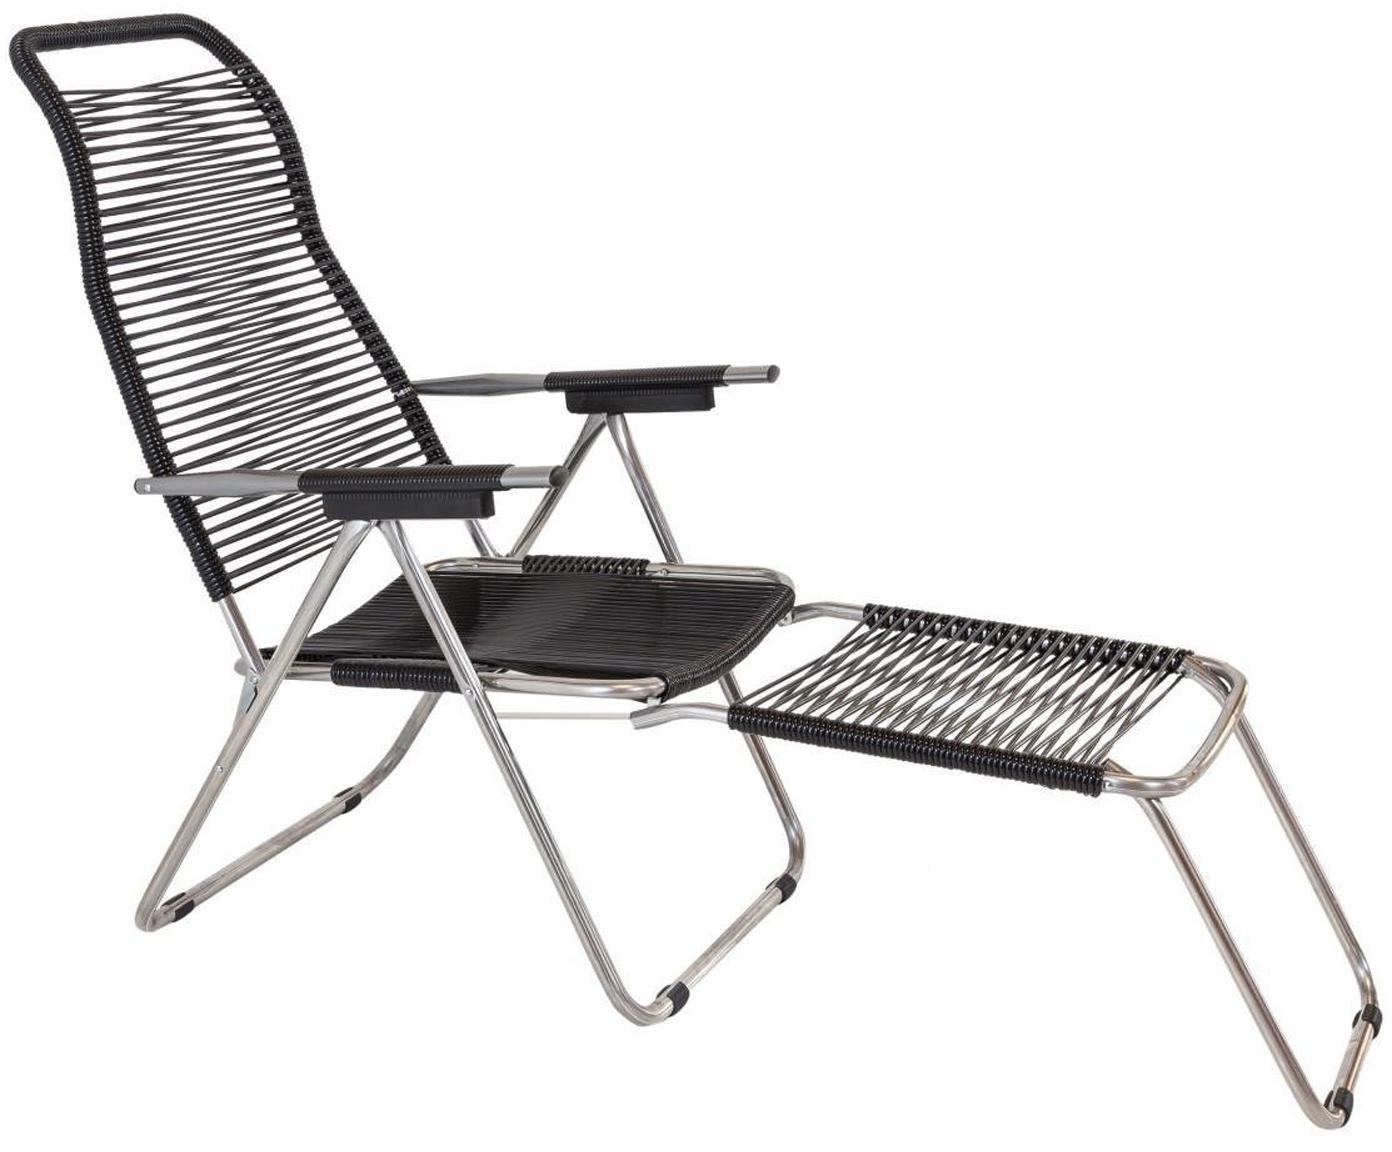 Sedia a sdraio con poggiapiedi Spaghetti, Struttura: alluminio, Rivestimento: nastro di cloruro di poli, Nero, Larg. 60 x Prof. 48 cm